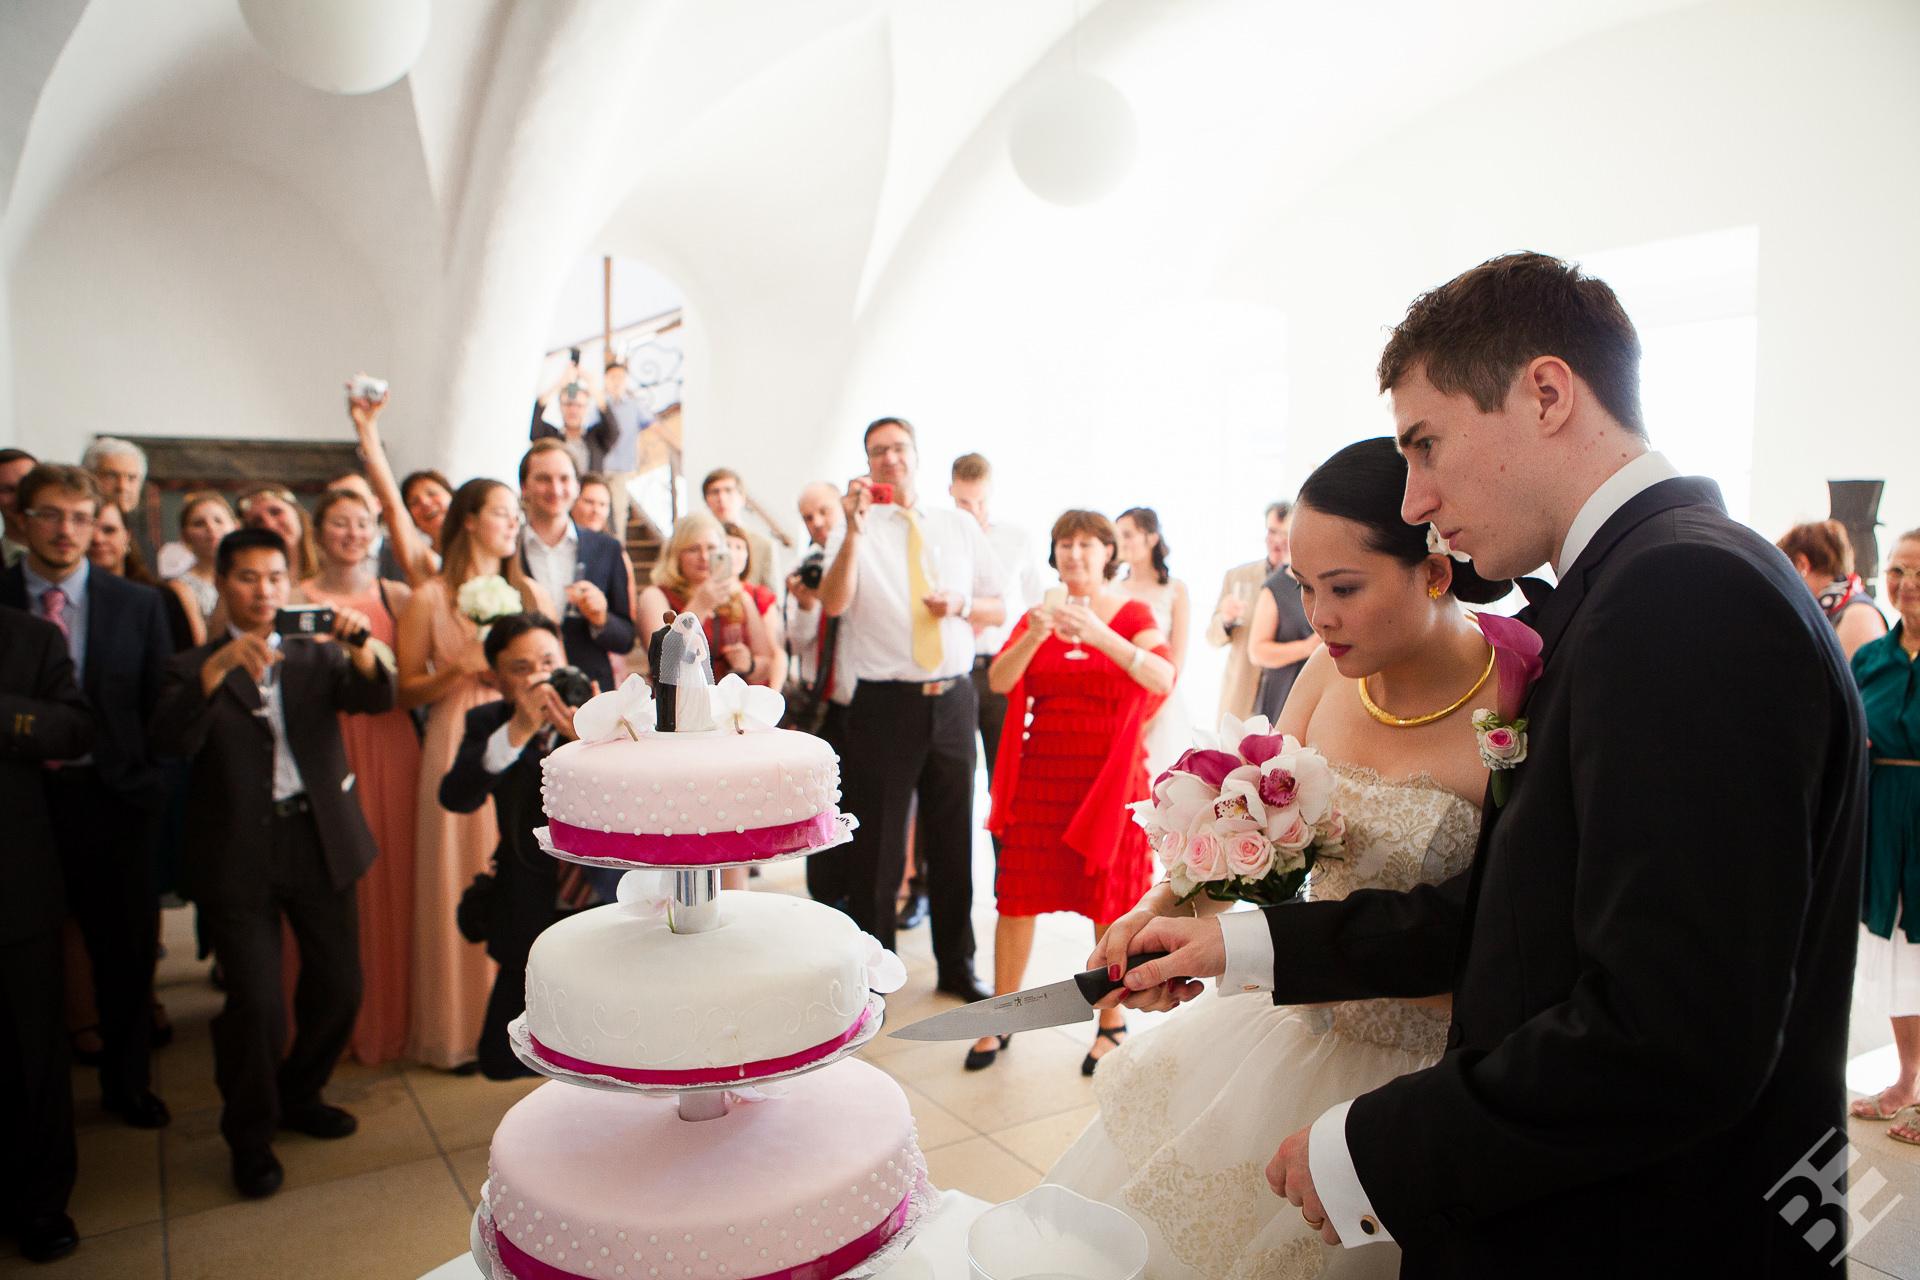 Hochzeit_61_IMG_0378_Volen_Evtimov